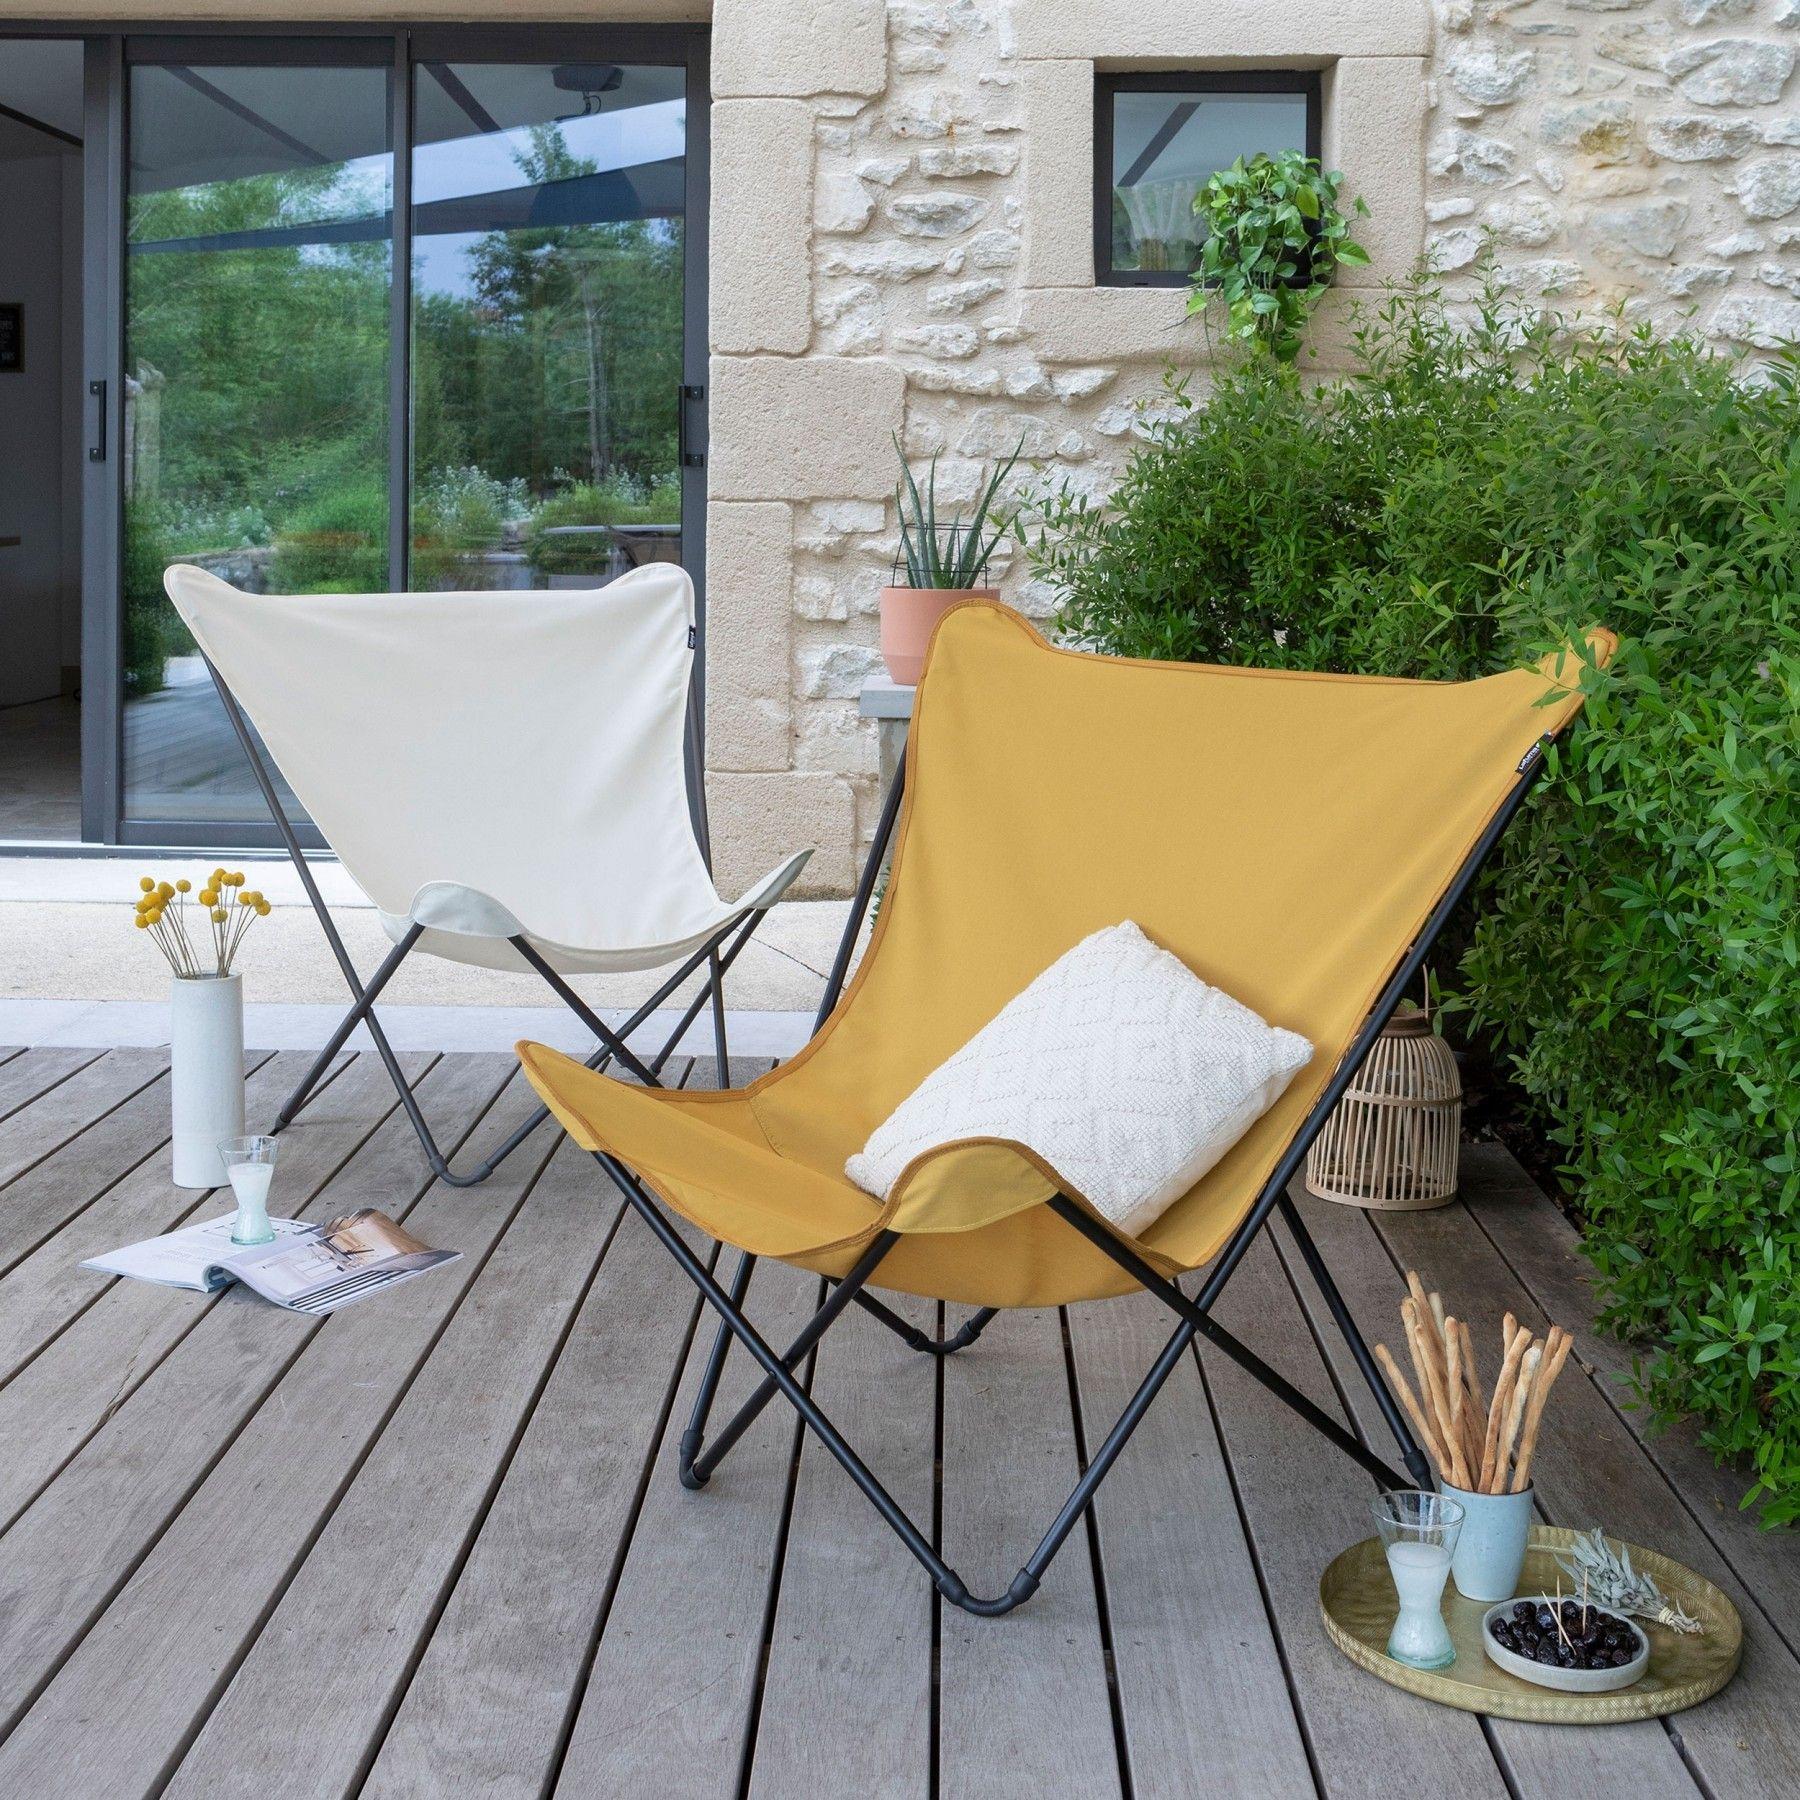 Fauteuil Design Pop Up Xl Airlon Curry Fauteuil Terrasse Mobilier Chaise Pliante